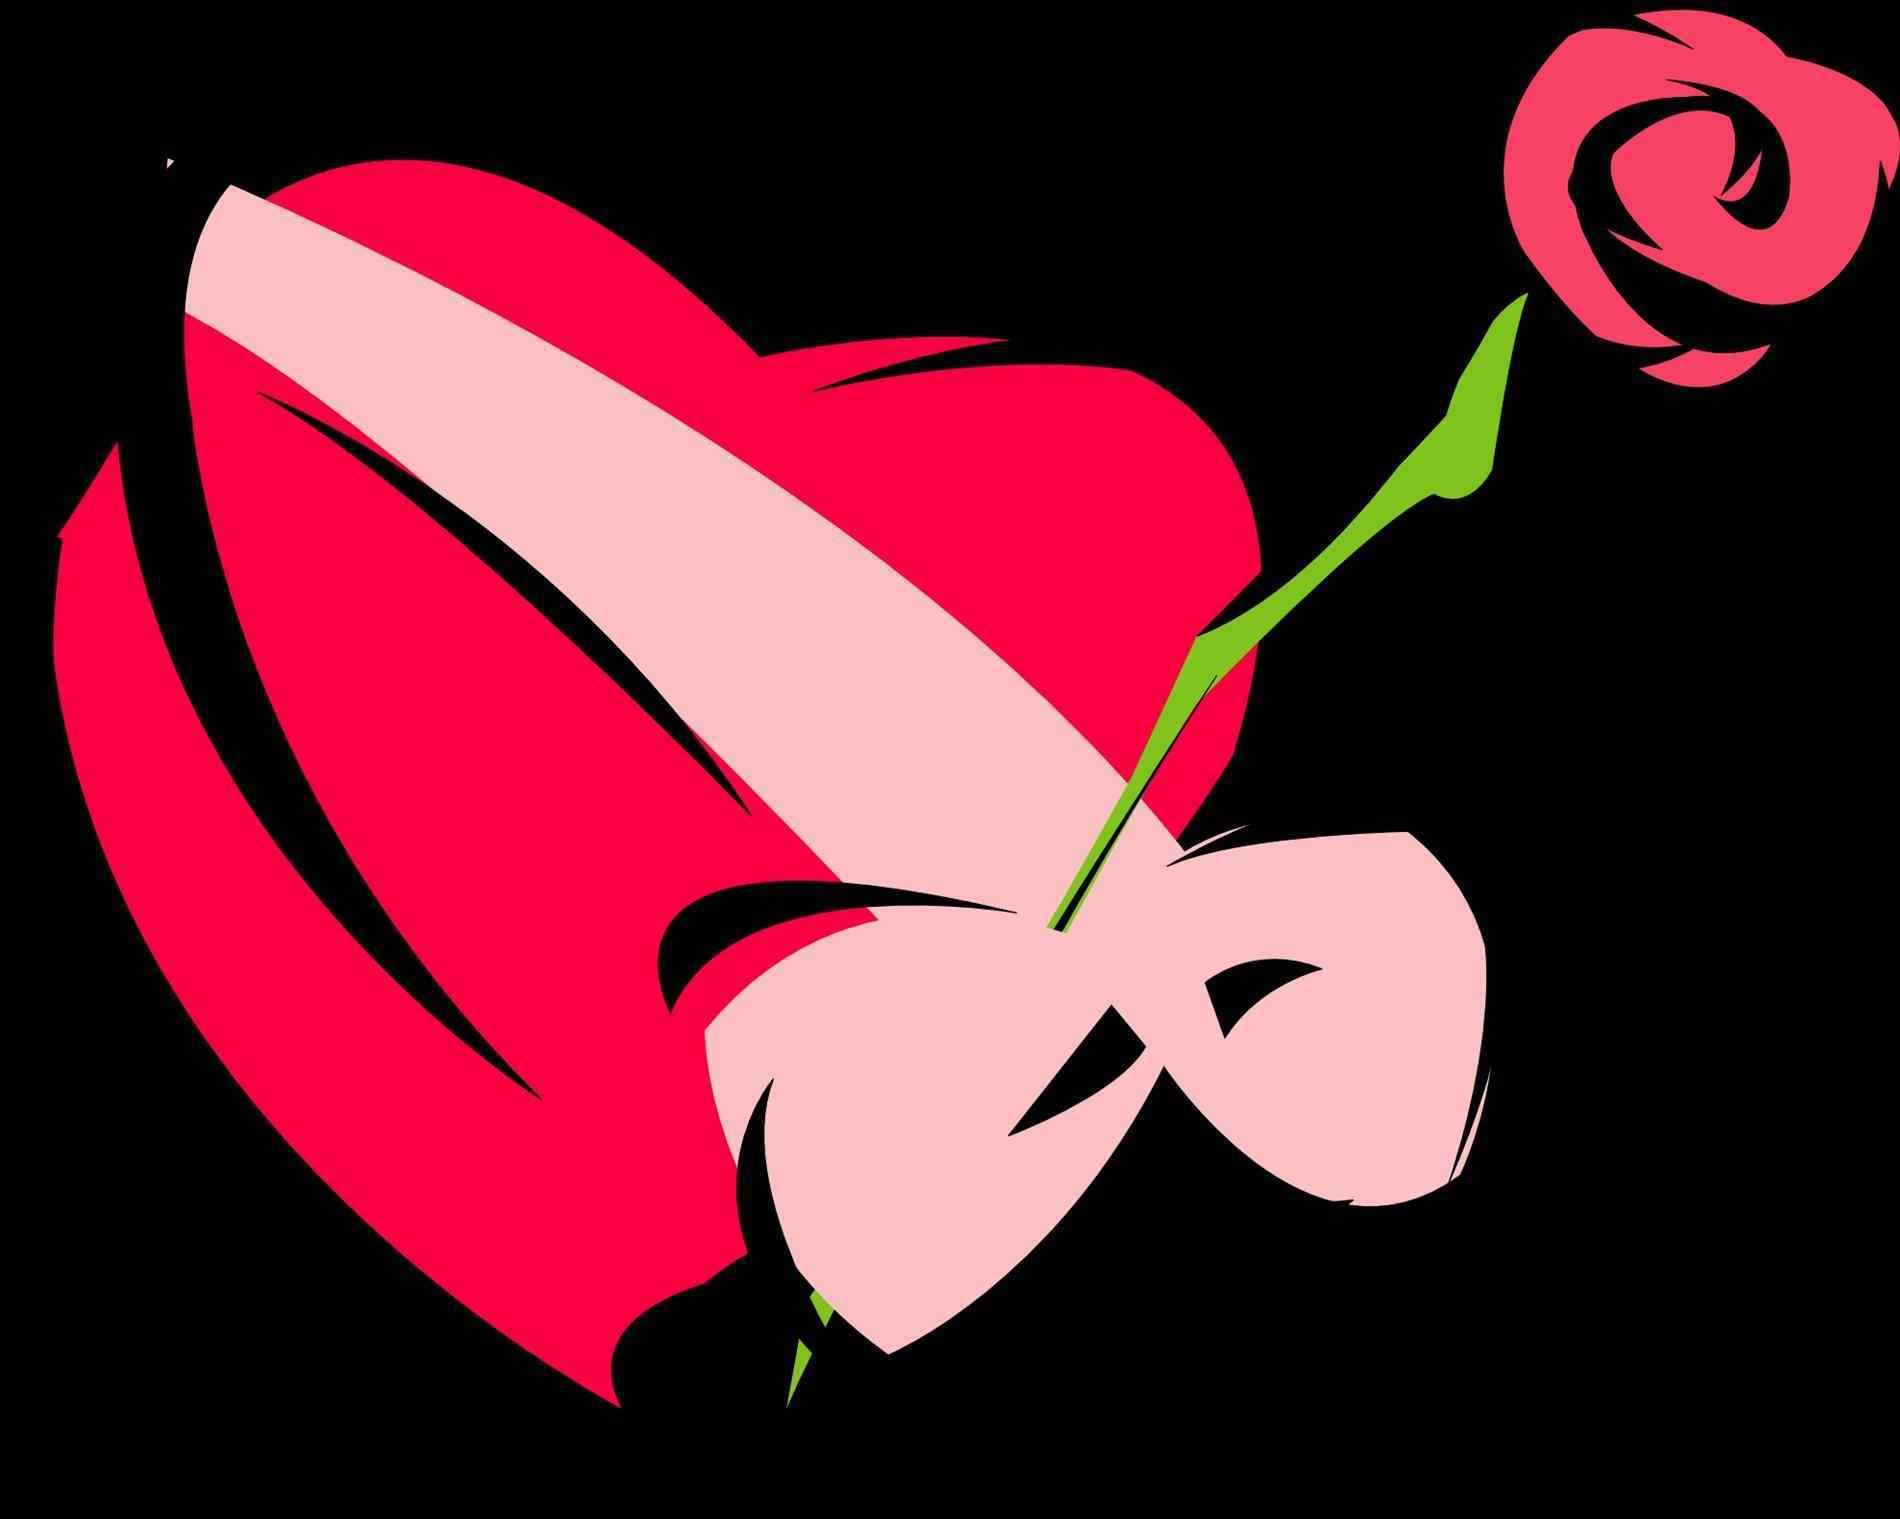 1900x1519 Saint Valentine Image Free Download Clip Art Saint Valentines Day